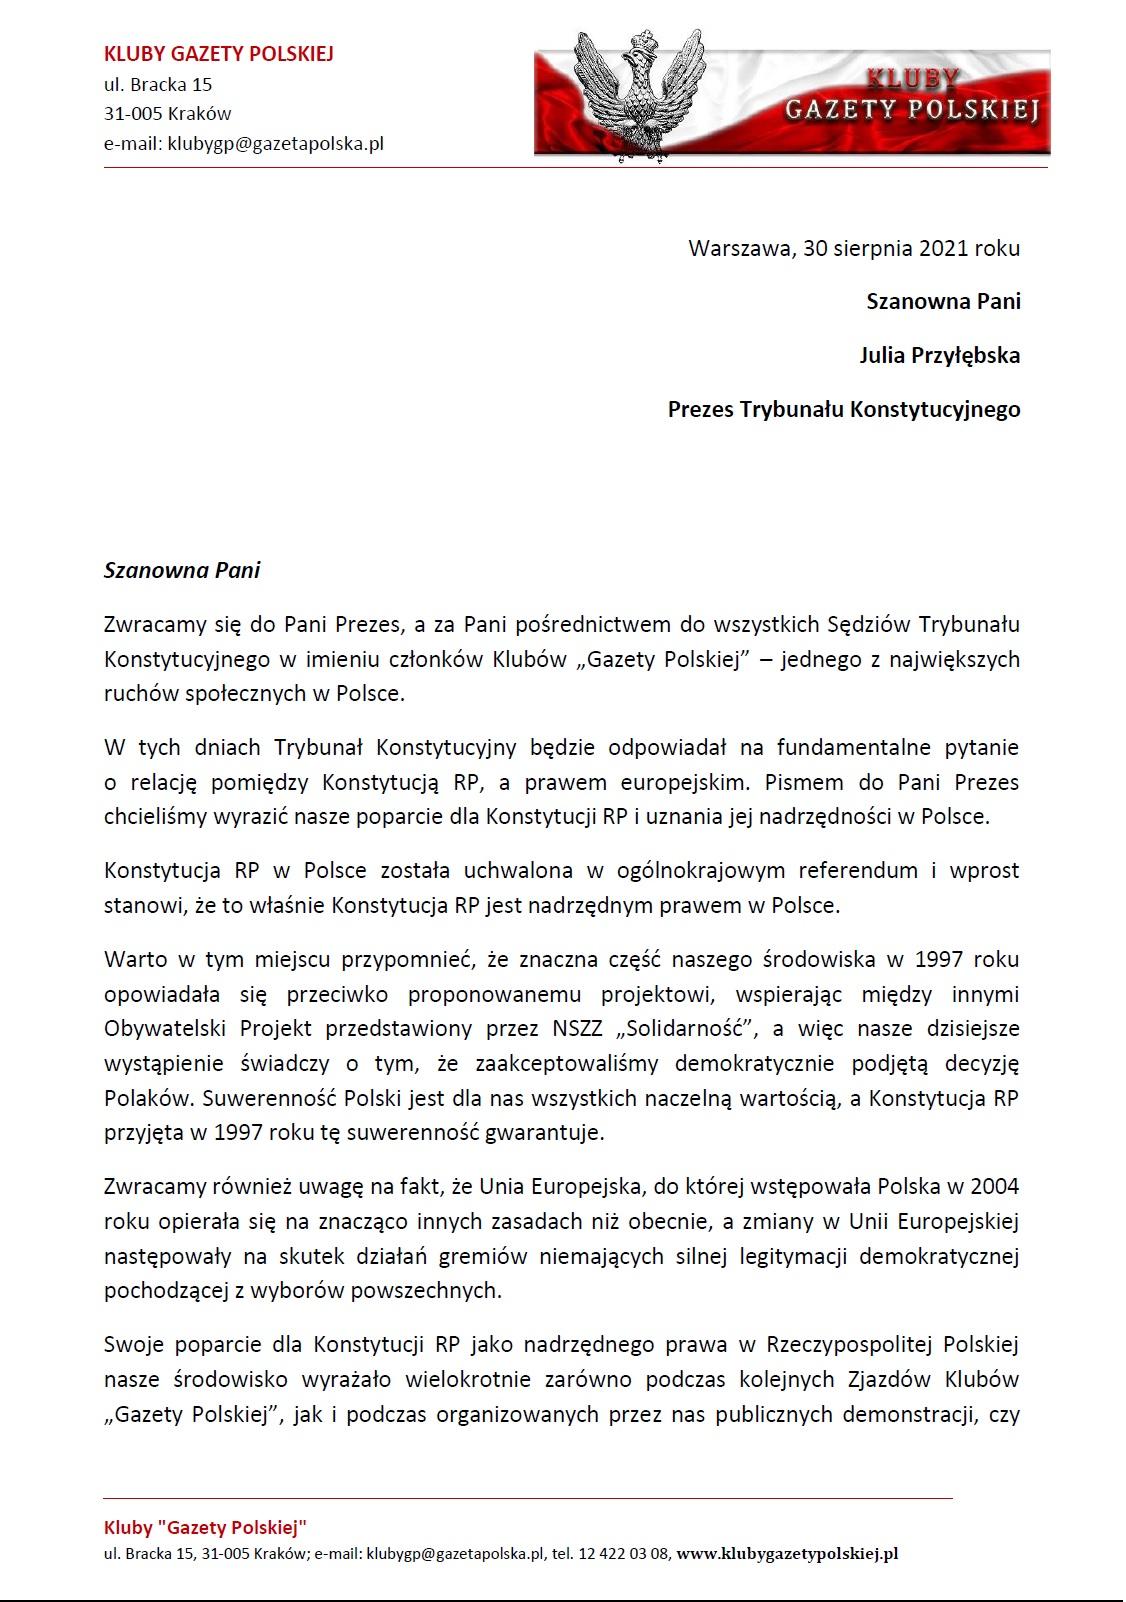 PISMO I Prezes J.Przylebska